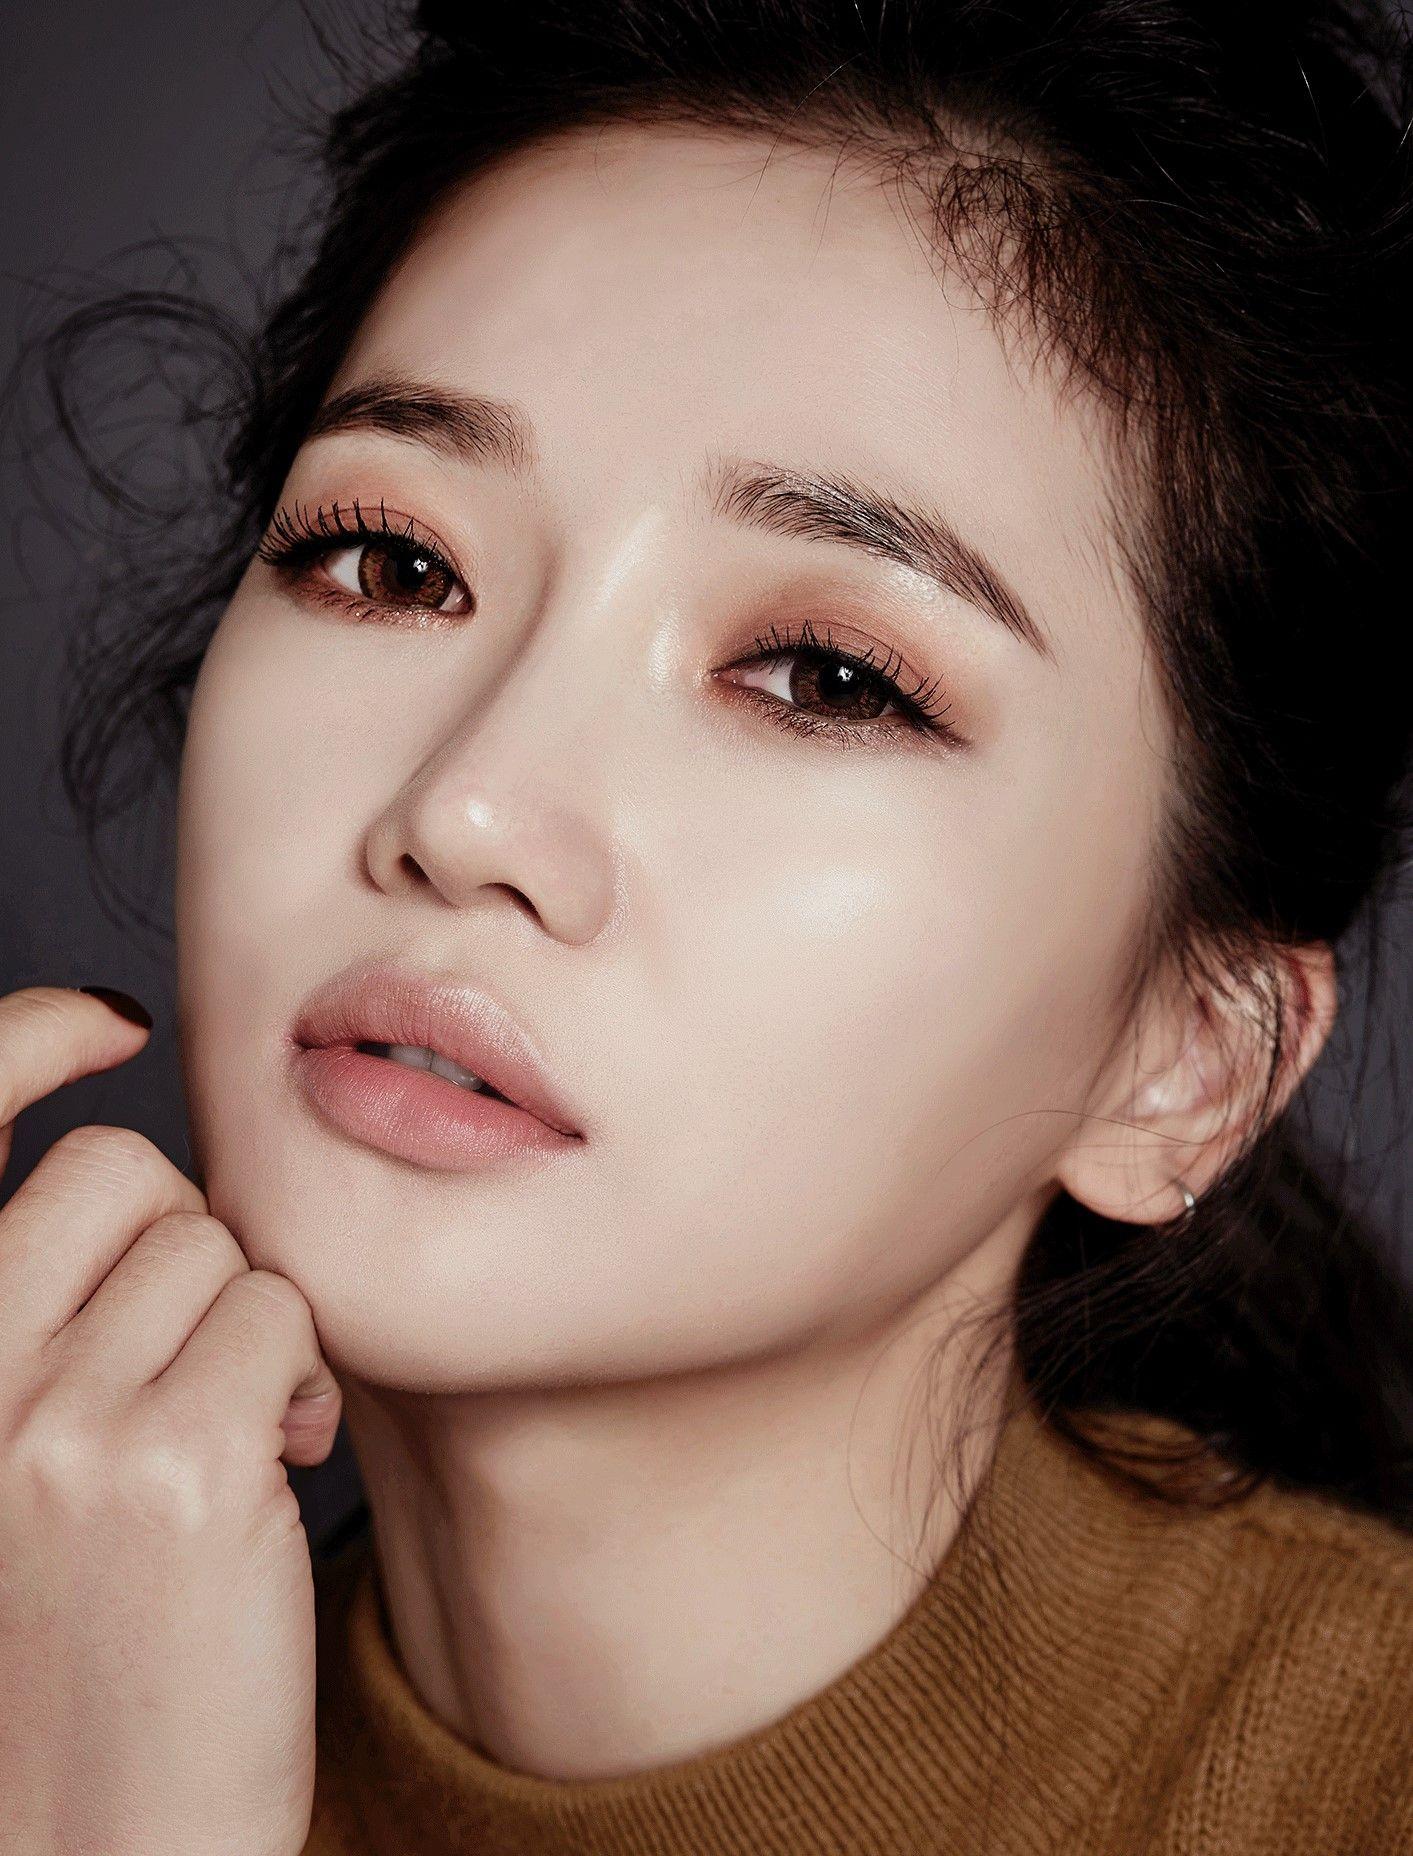 Korean Makeup Autumn Makeup With Images Korean Makeup Tips